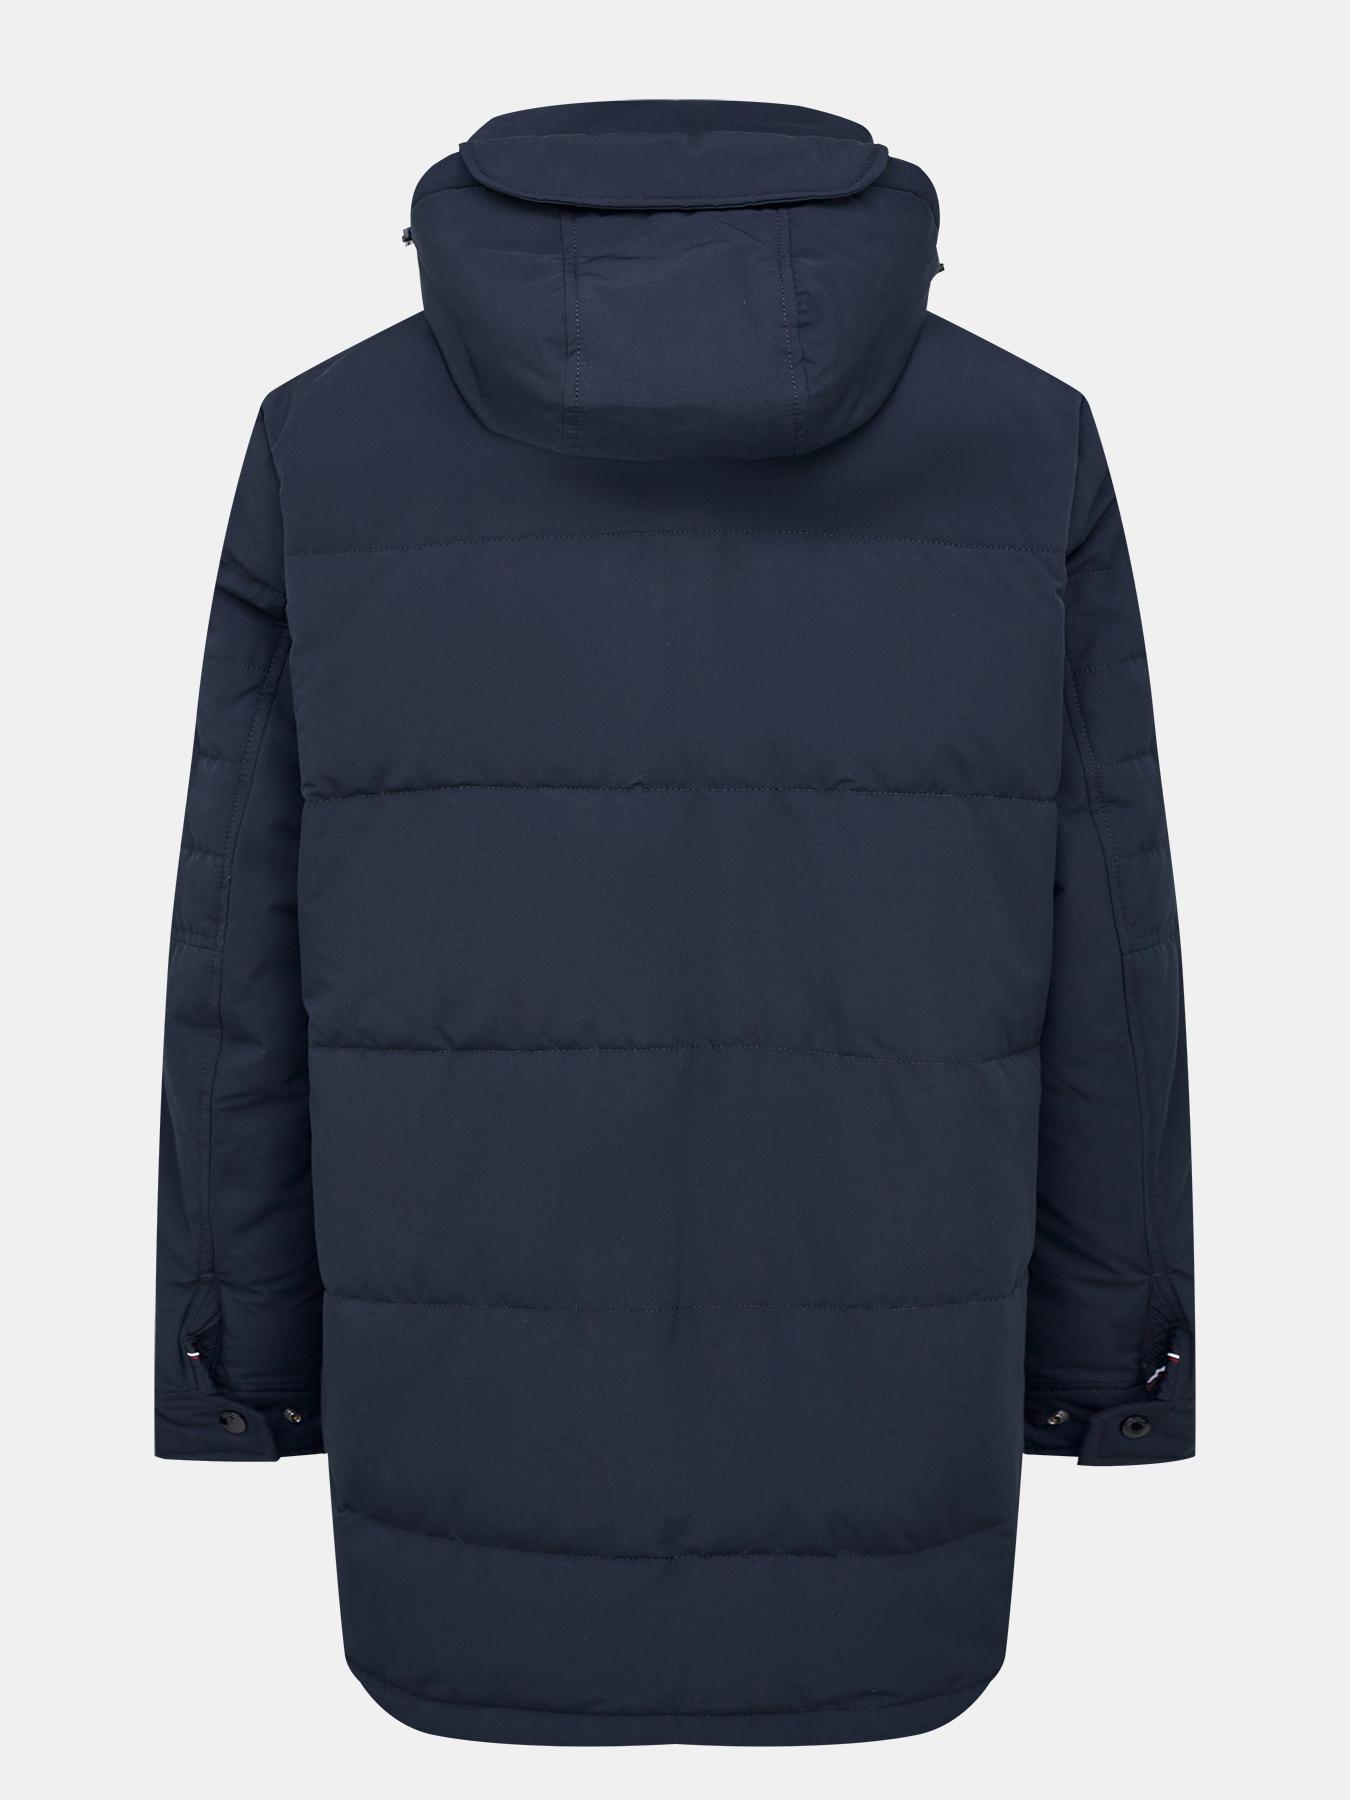 Куртка Strellson Мужская парка куртка кожаная strellson strellson st004emghji3